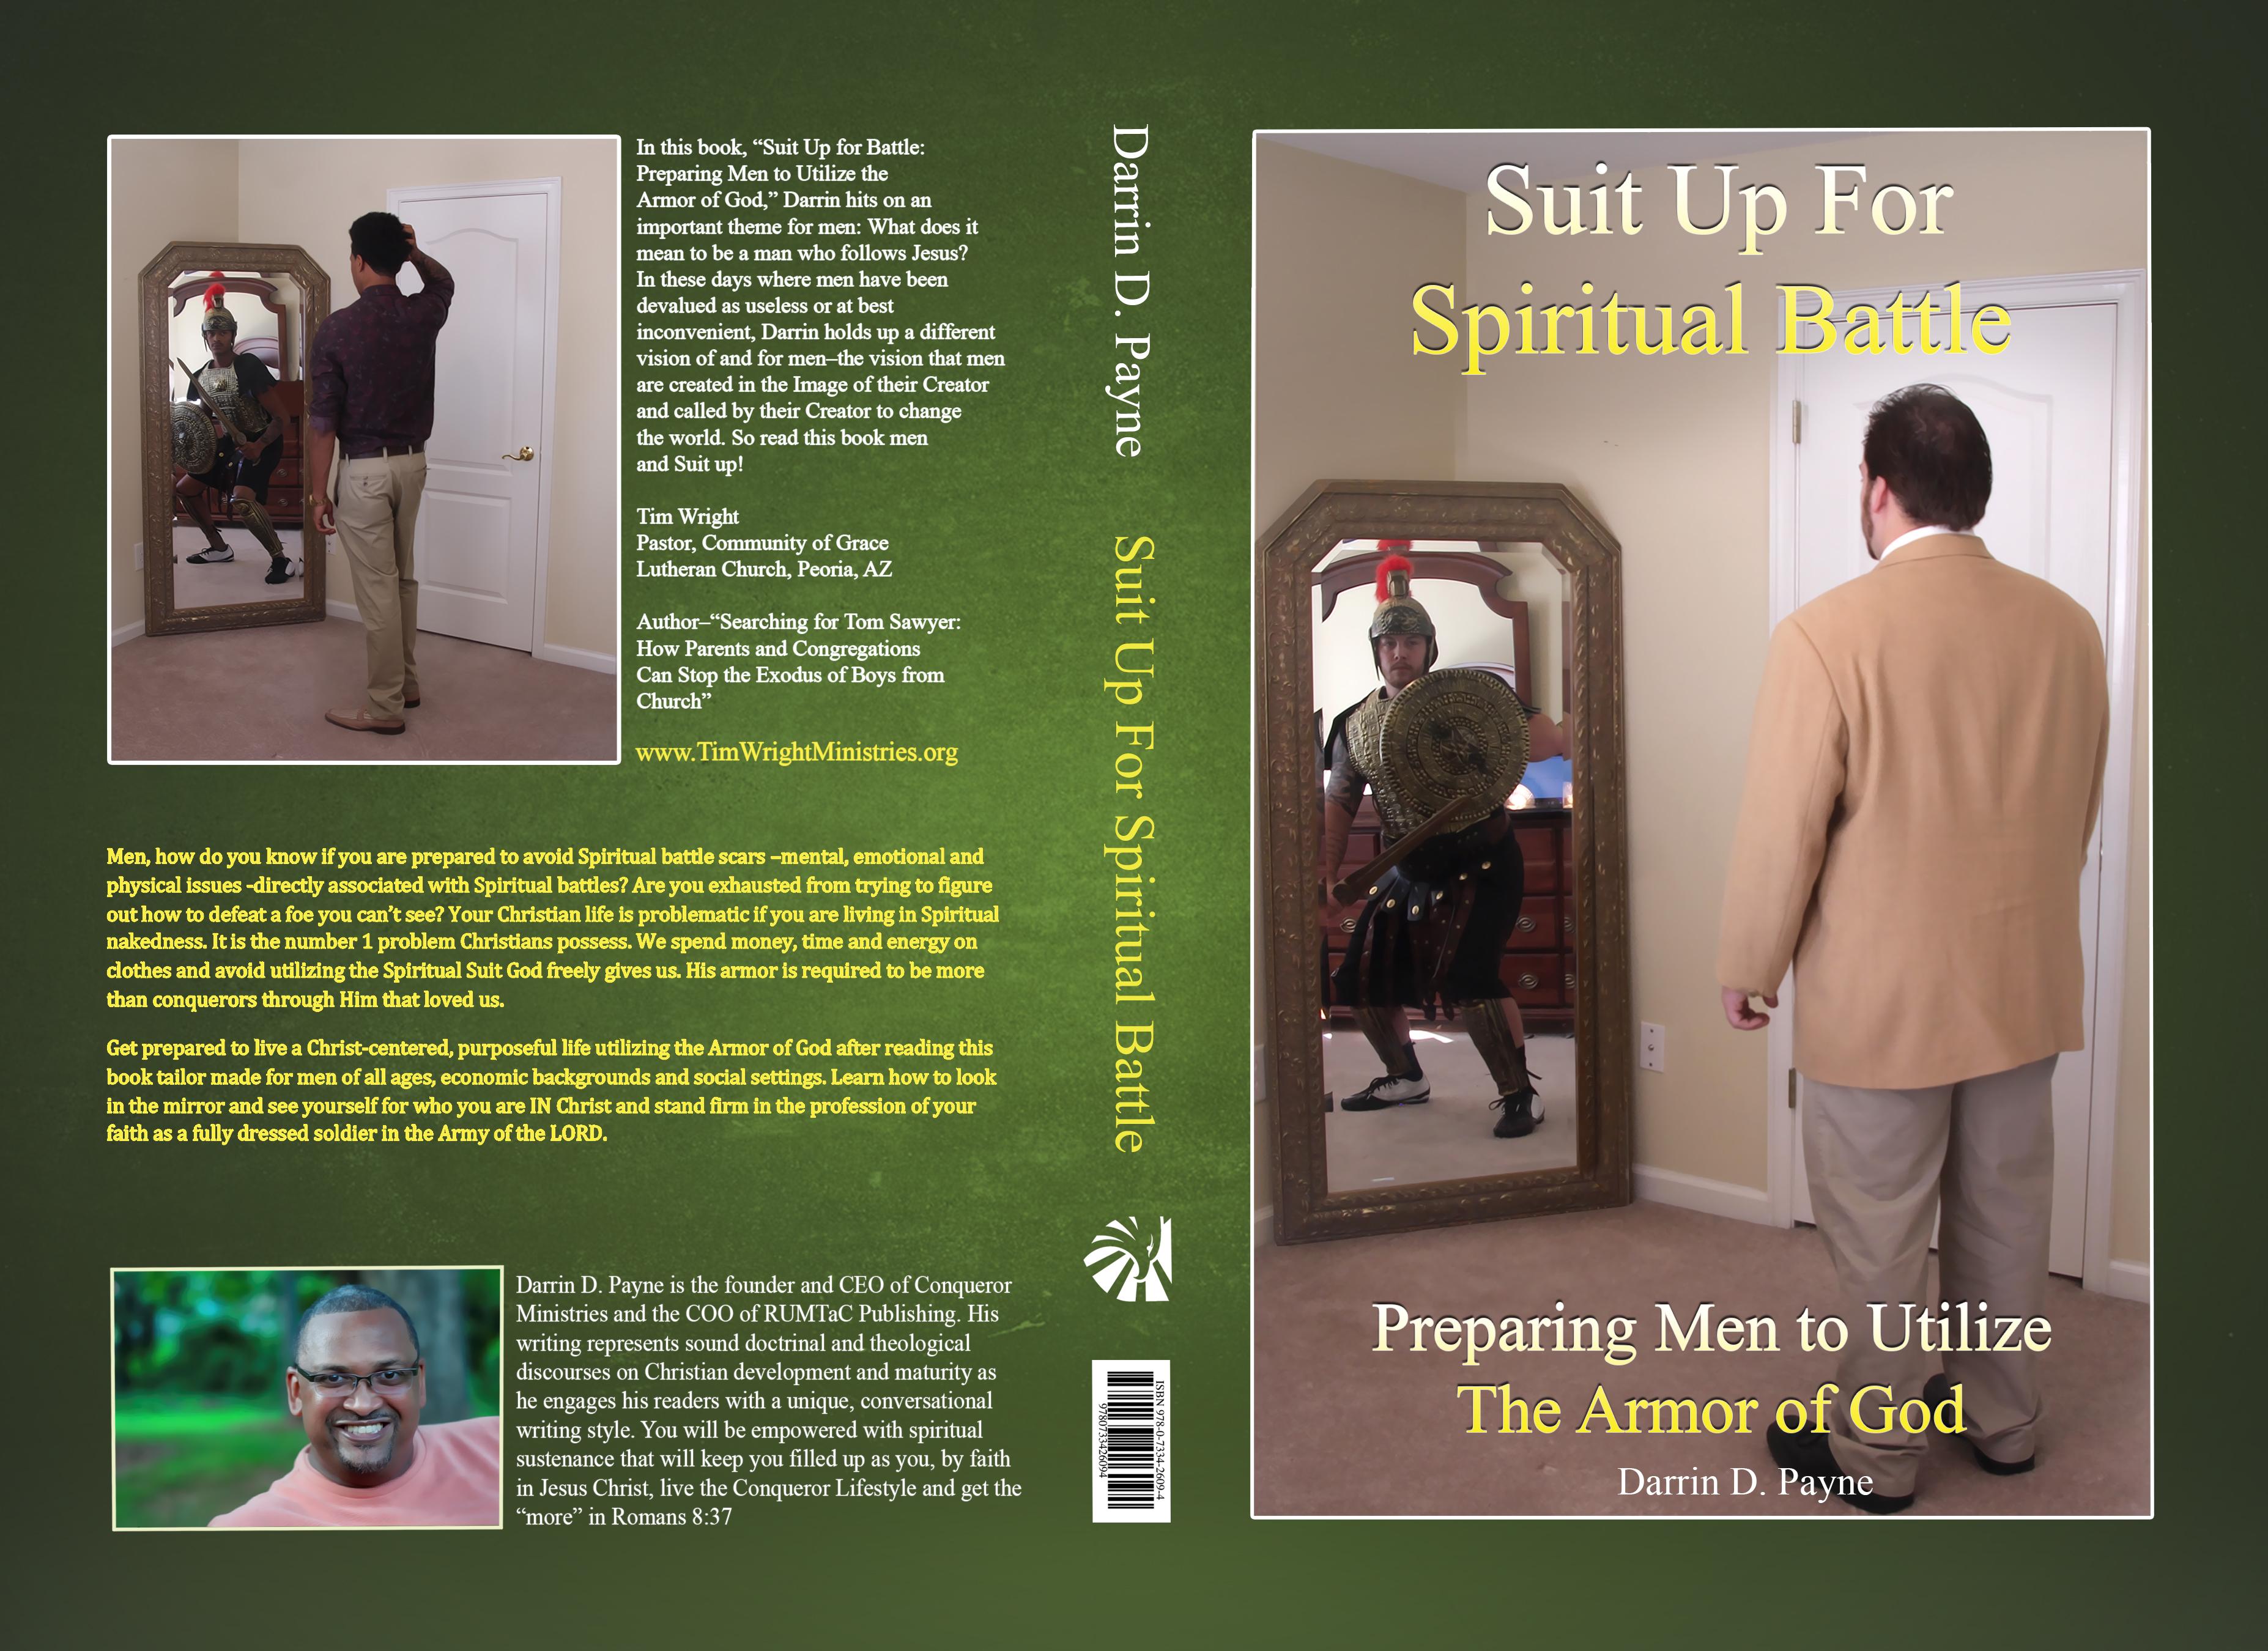 Darrin Book Cover